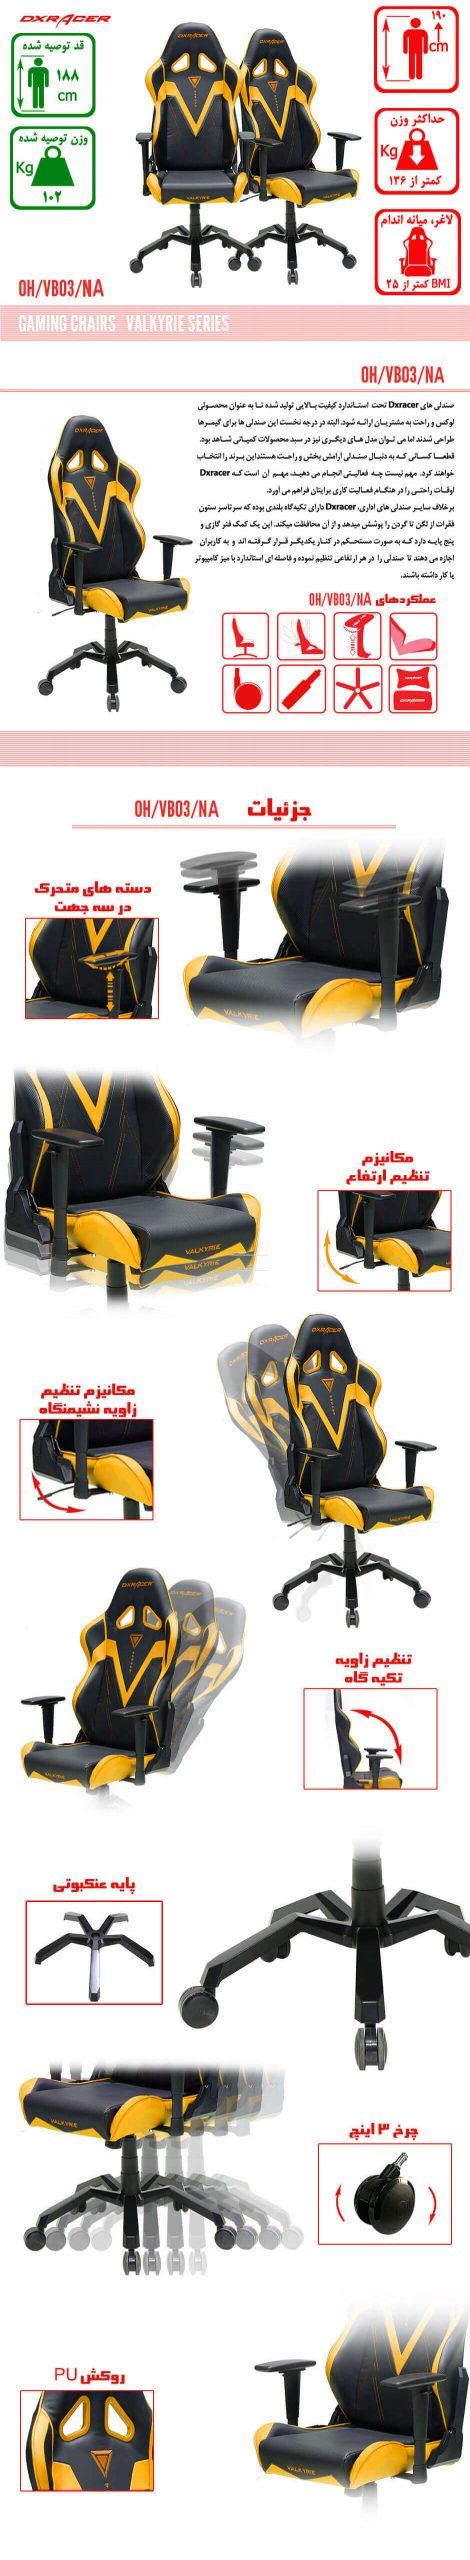 صندلی گیمینگ DXRACER سری والکری مدل OH VB03 NA